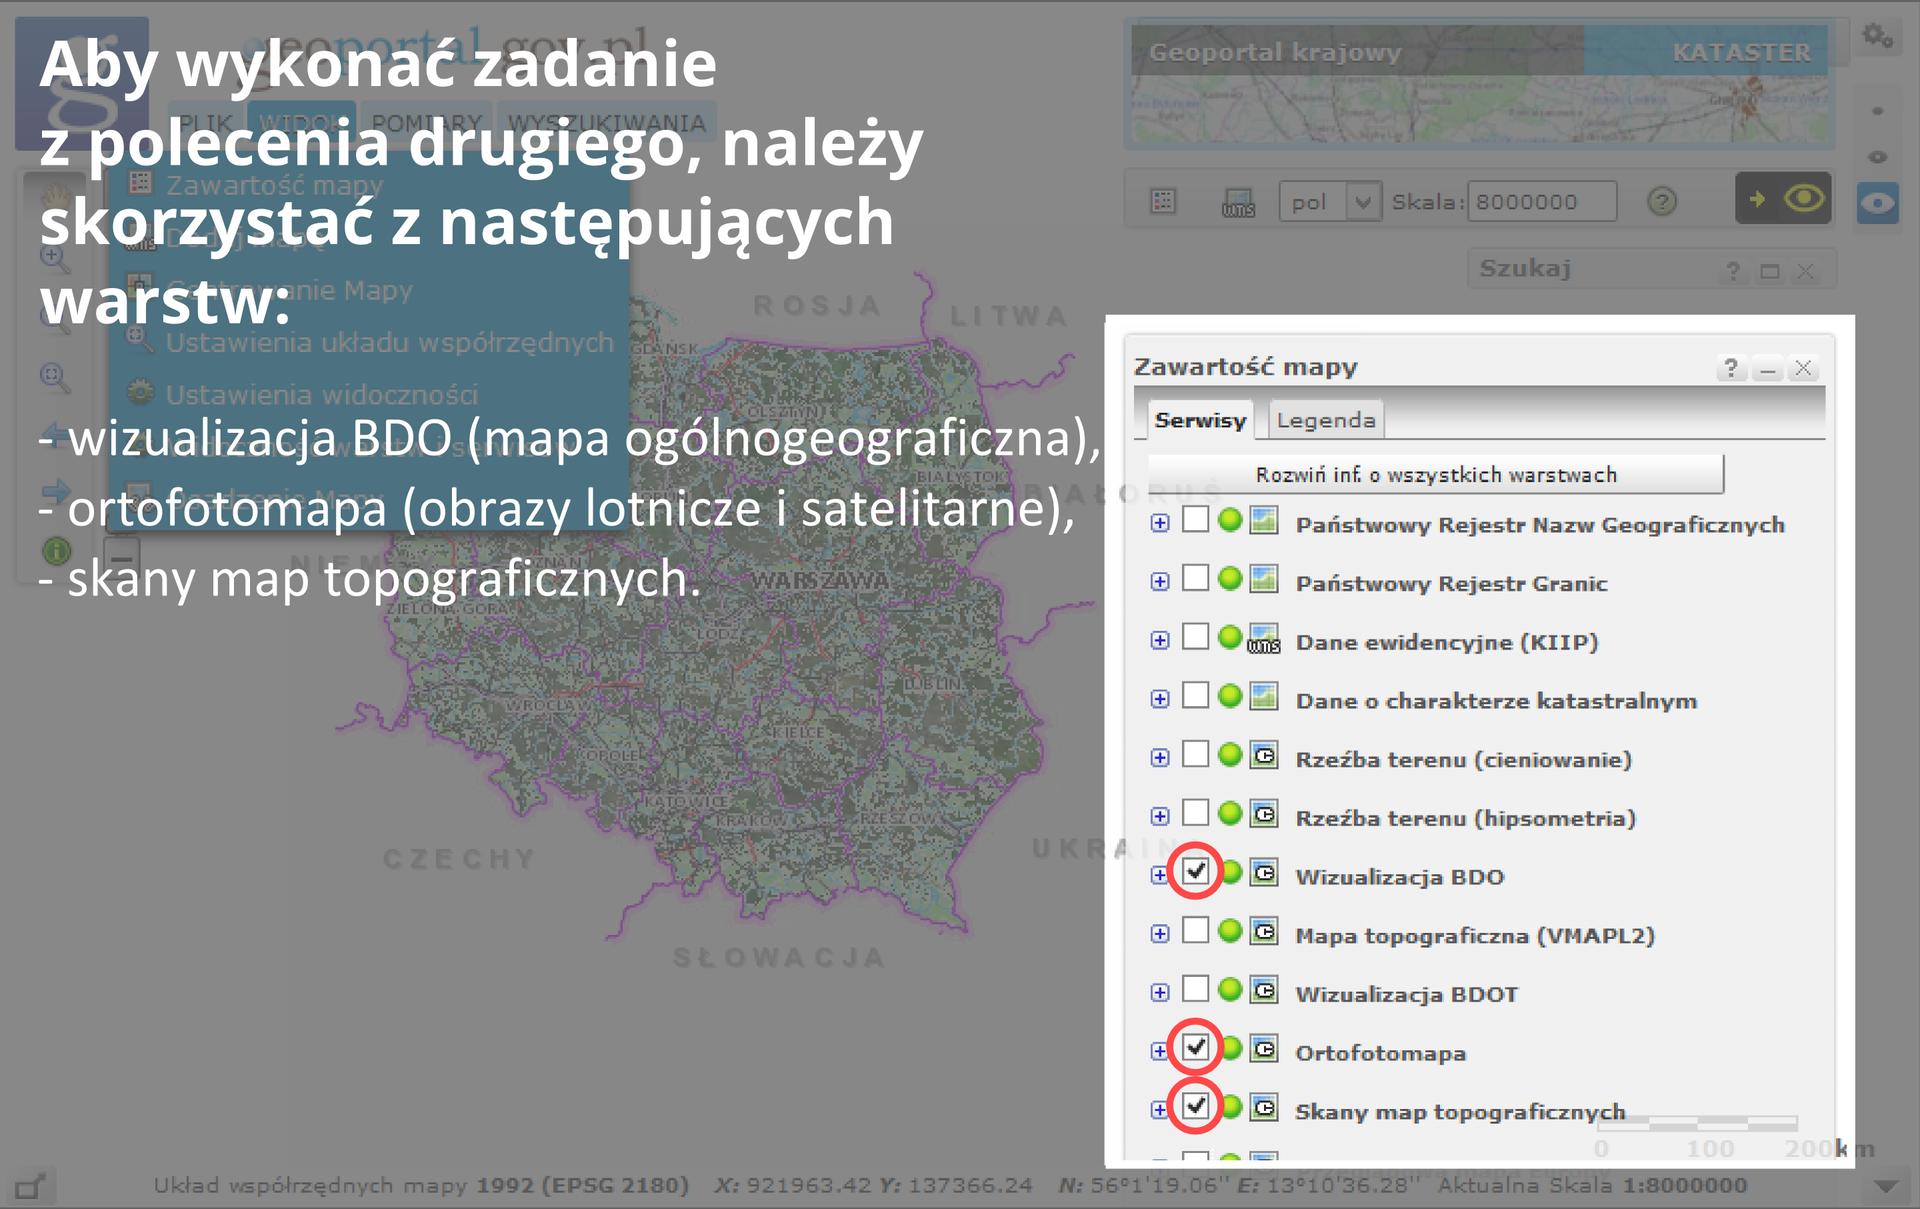 Trezcia ztrzech ilustracji pokazująca sposób korzystania zaplikacji internetowej Geoportal.